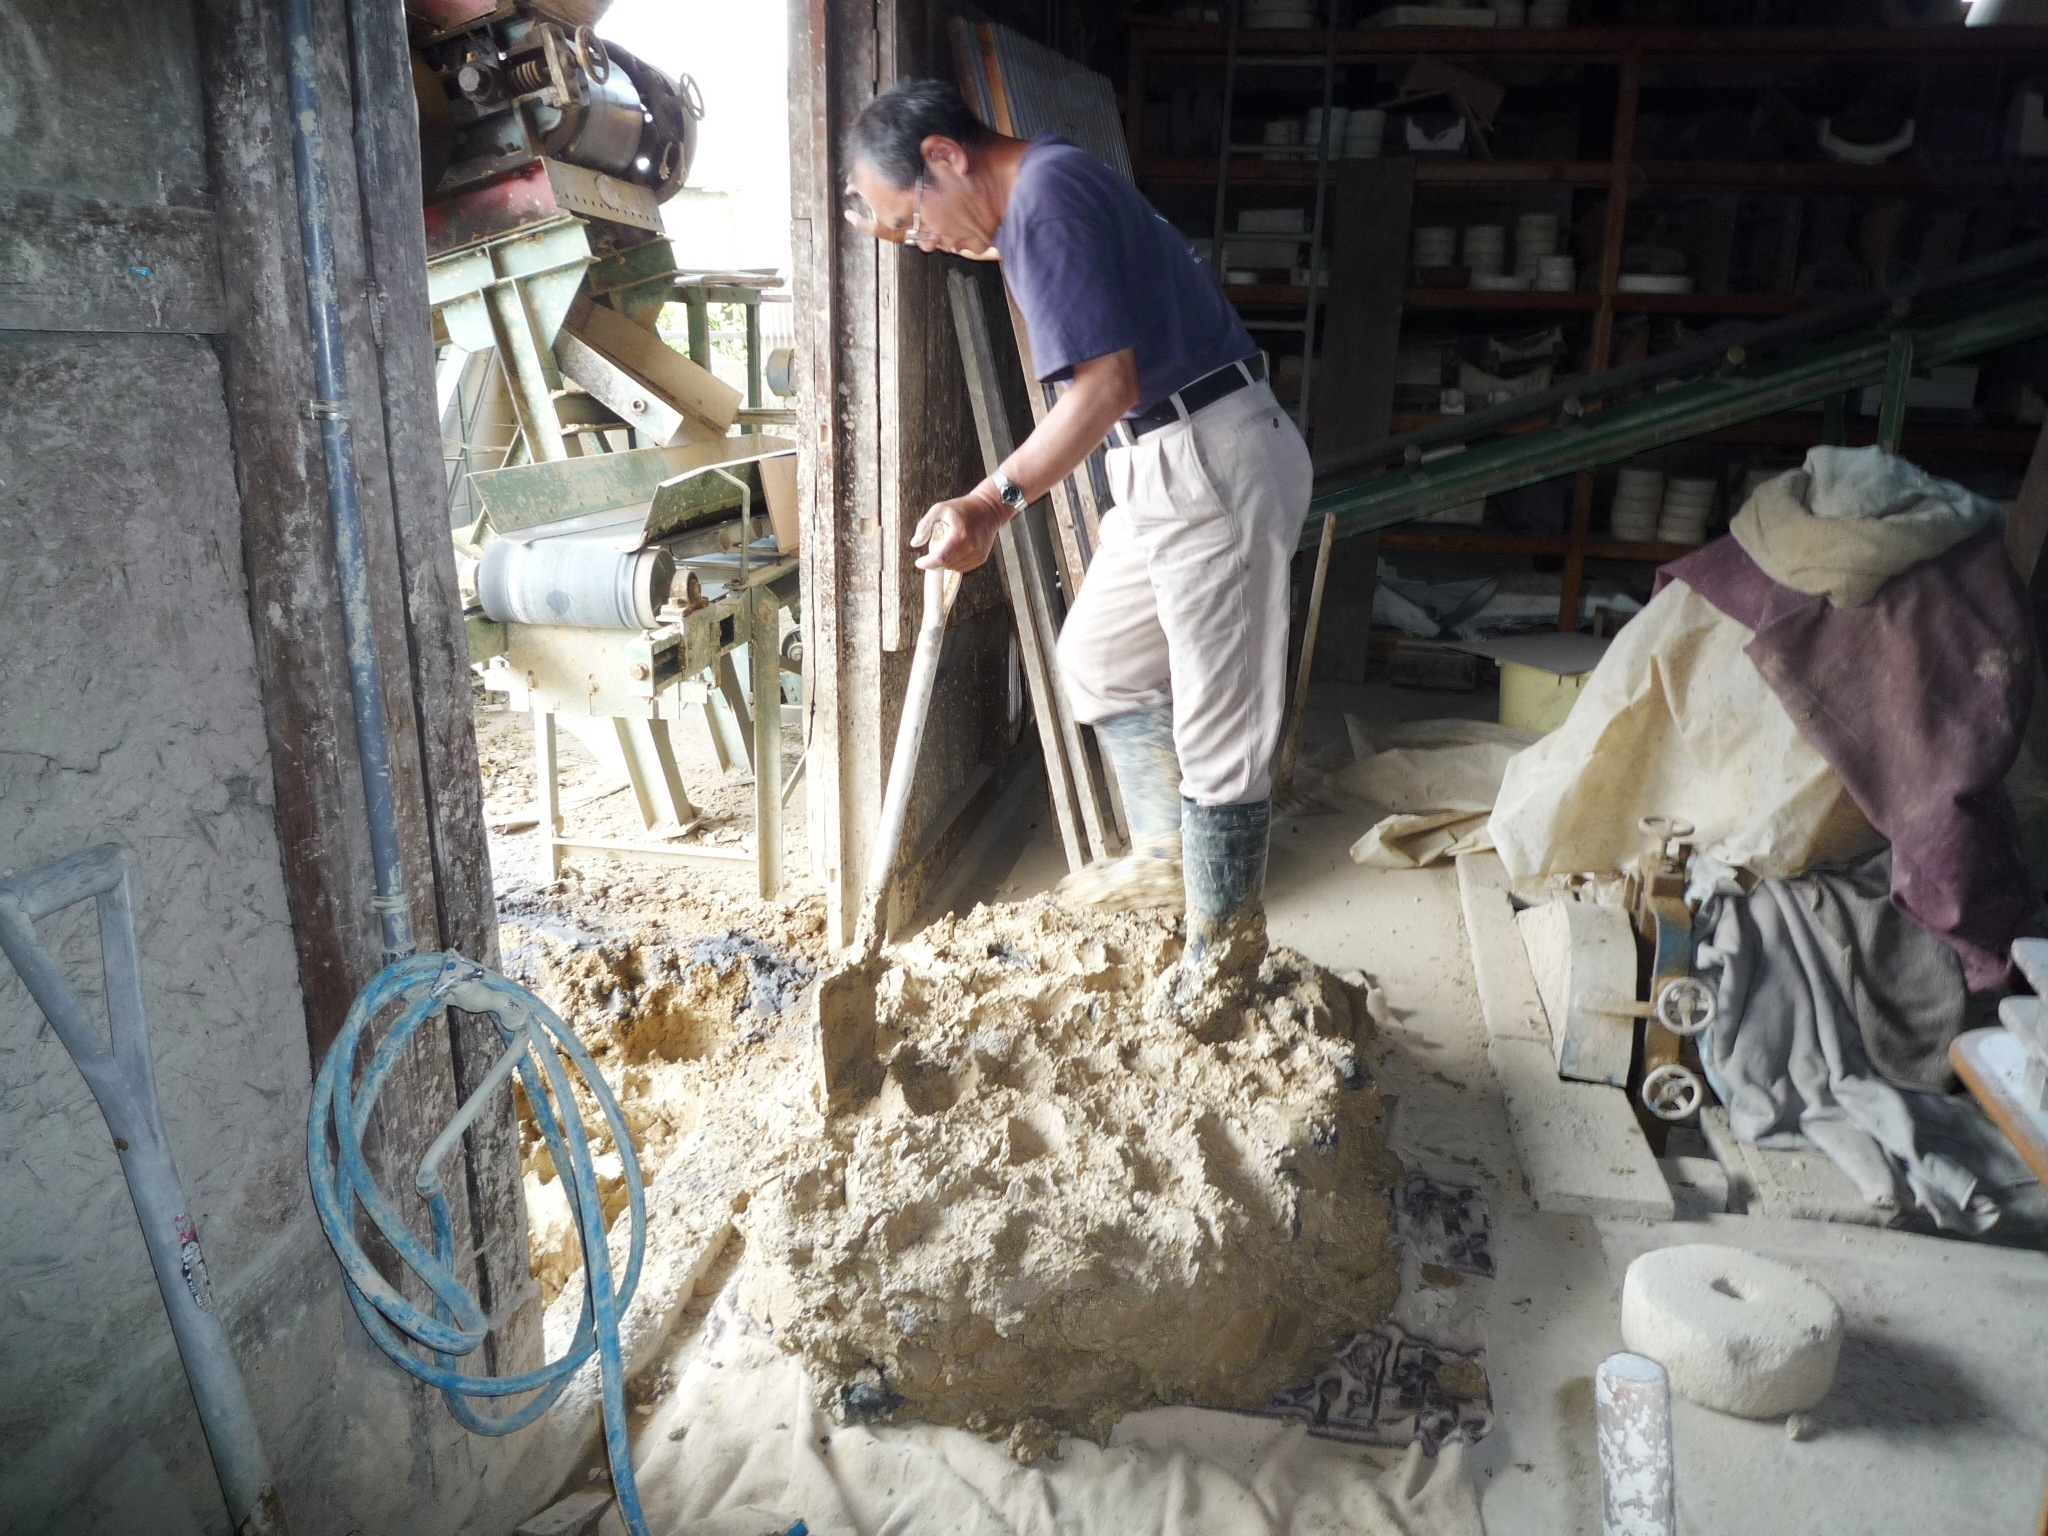 土を箱の形に積み上げる「箱詰」という作業。土作りは重労働です